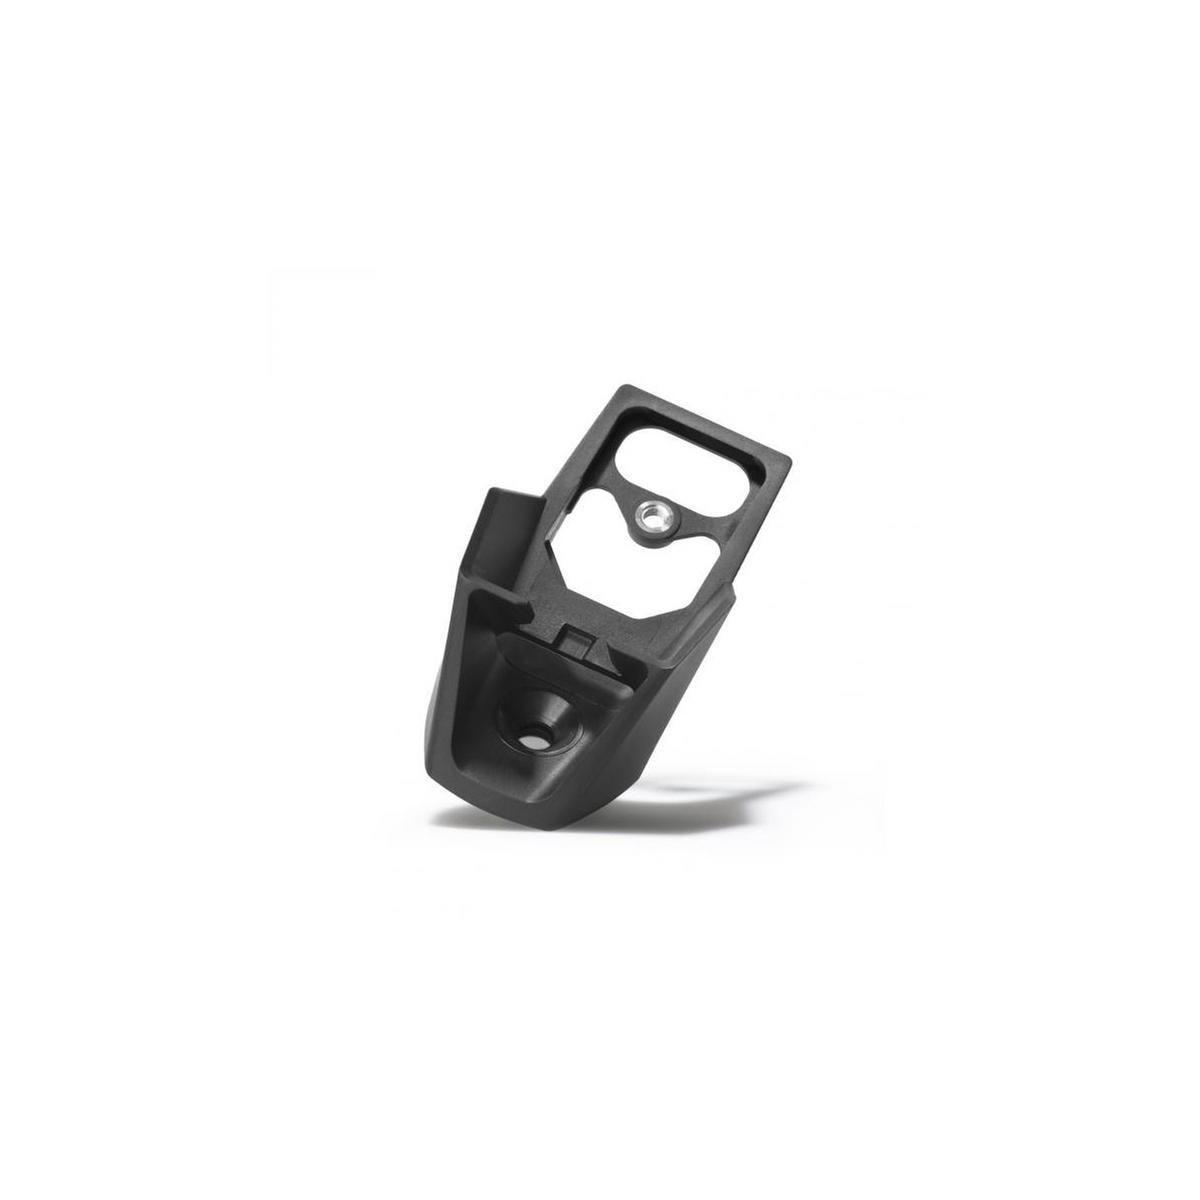 1270016822 Bosch Displayhalter Kiox Anthrazit Sockel ohne Montageplatte